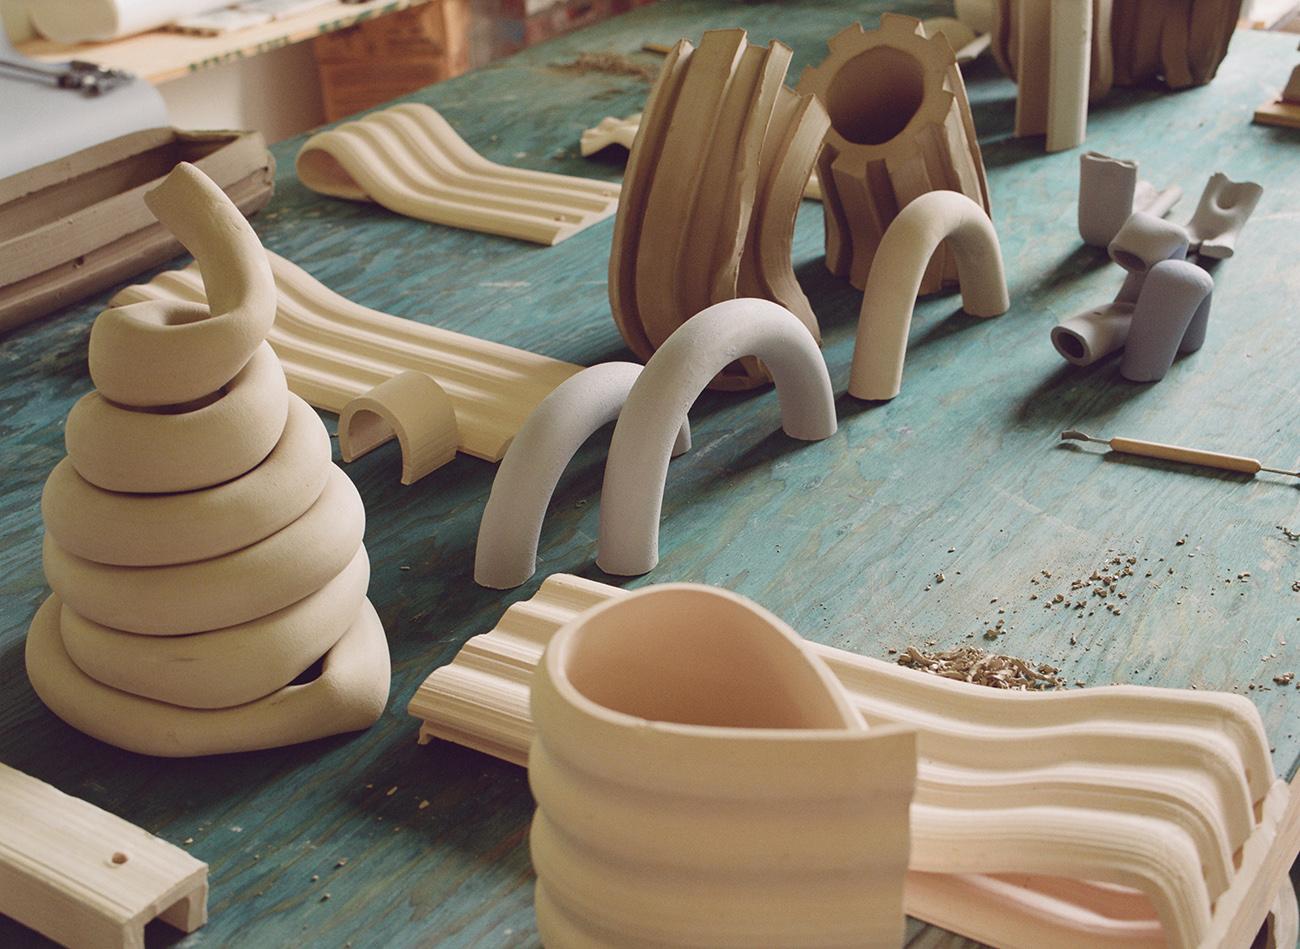 detalle de las piezas hechas con arcilla